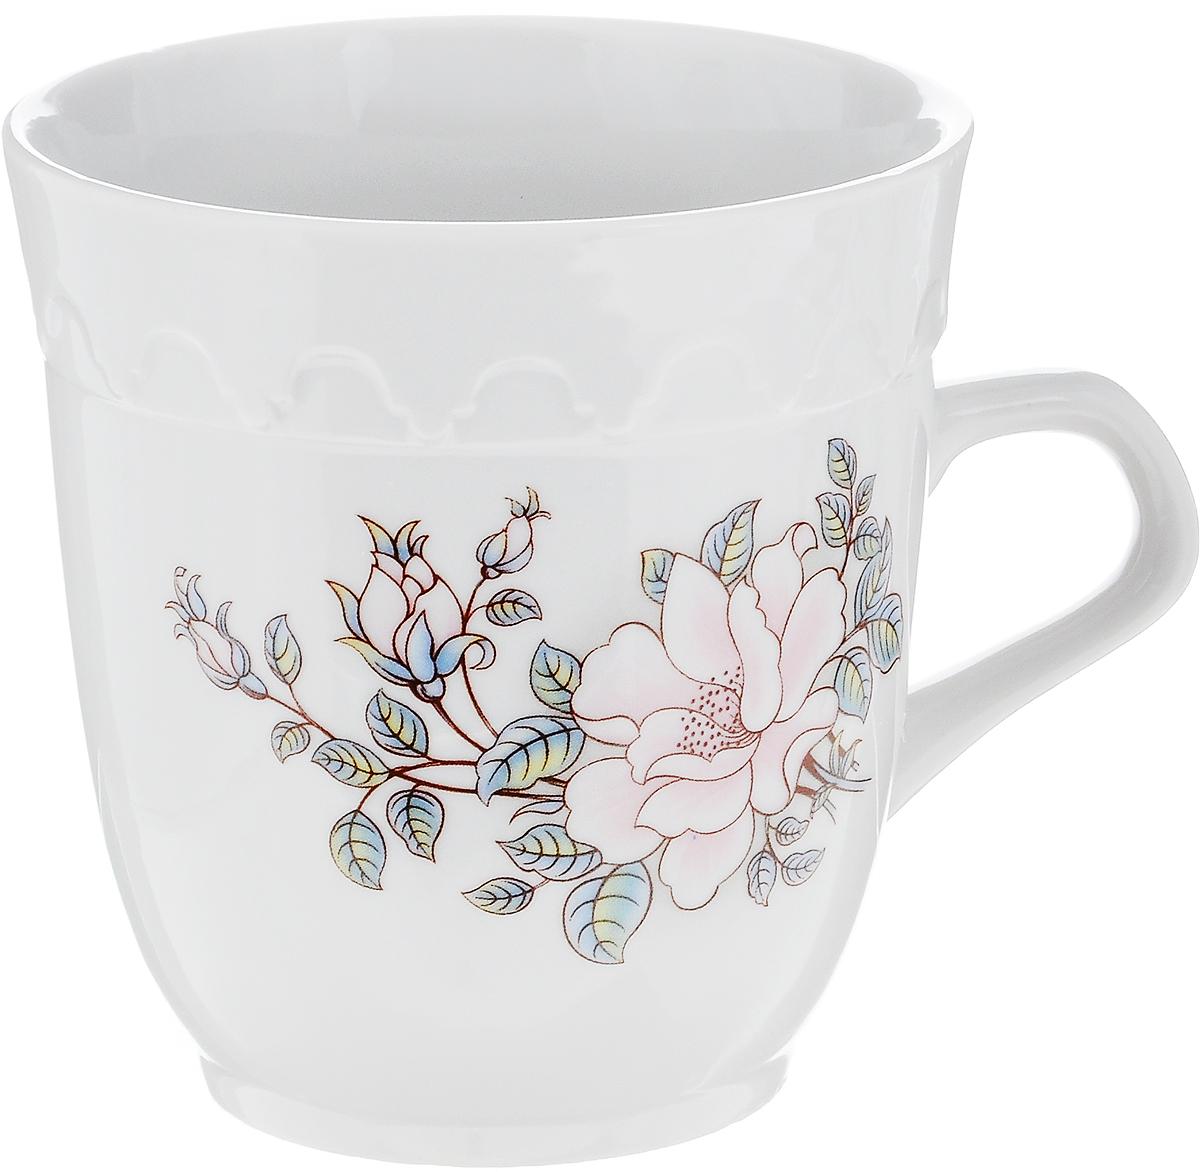 Кружка Фарфор Вербилок Арабеска. Микс. Розовые цветы, 250 мл24322530_розовые цветыКружка Фарфор Вербилок Арабеска. Микс. Розовые цветы выполнена из высококачественного фарфора с глазурованным покрытием и оформлена оригинальным принтом. Посуда из фарфора позволяет сохранить истинный вкус напитка, а также помогает ему дольше оставаться теплым. Изделие оснащено удобной ручкой. Такая кружка прекрасно оформит стол к чаепитию и станет его неизменным атрибутом. Можно мыть в посудомоечной машине и использовать в СВЧ. Диаметр кружки (по верхнему краю): 8,5 см. Высота чашки: 9 см.